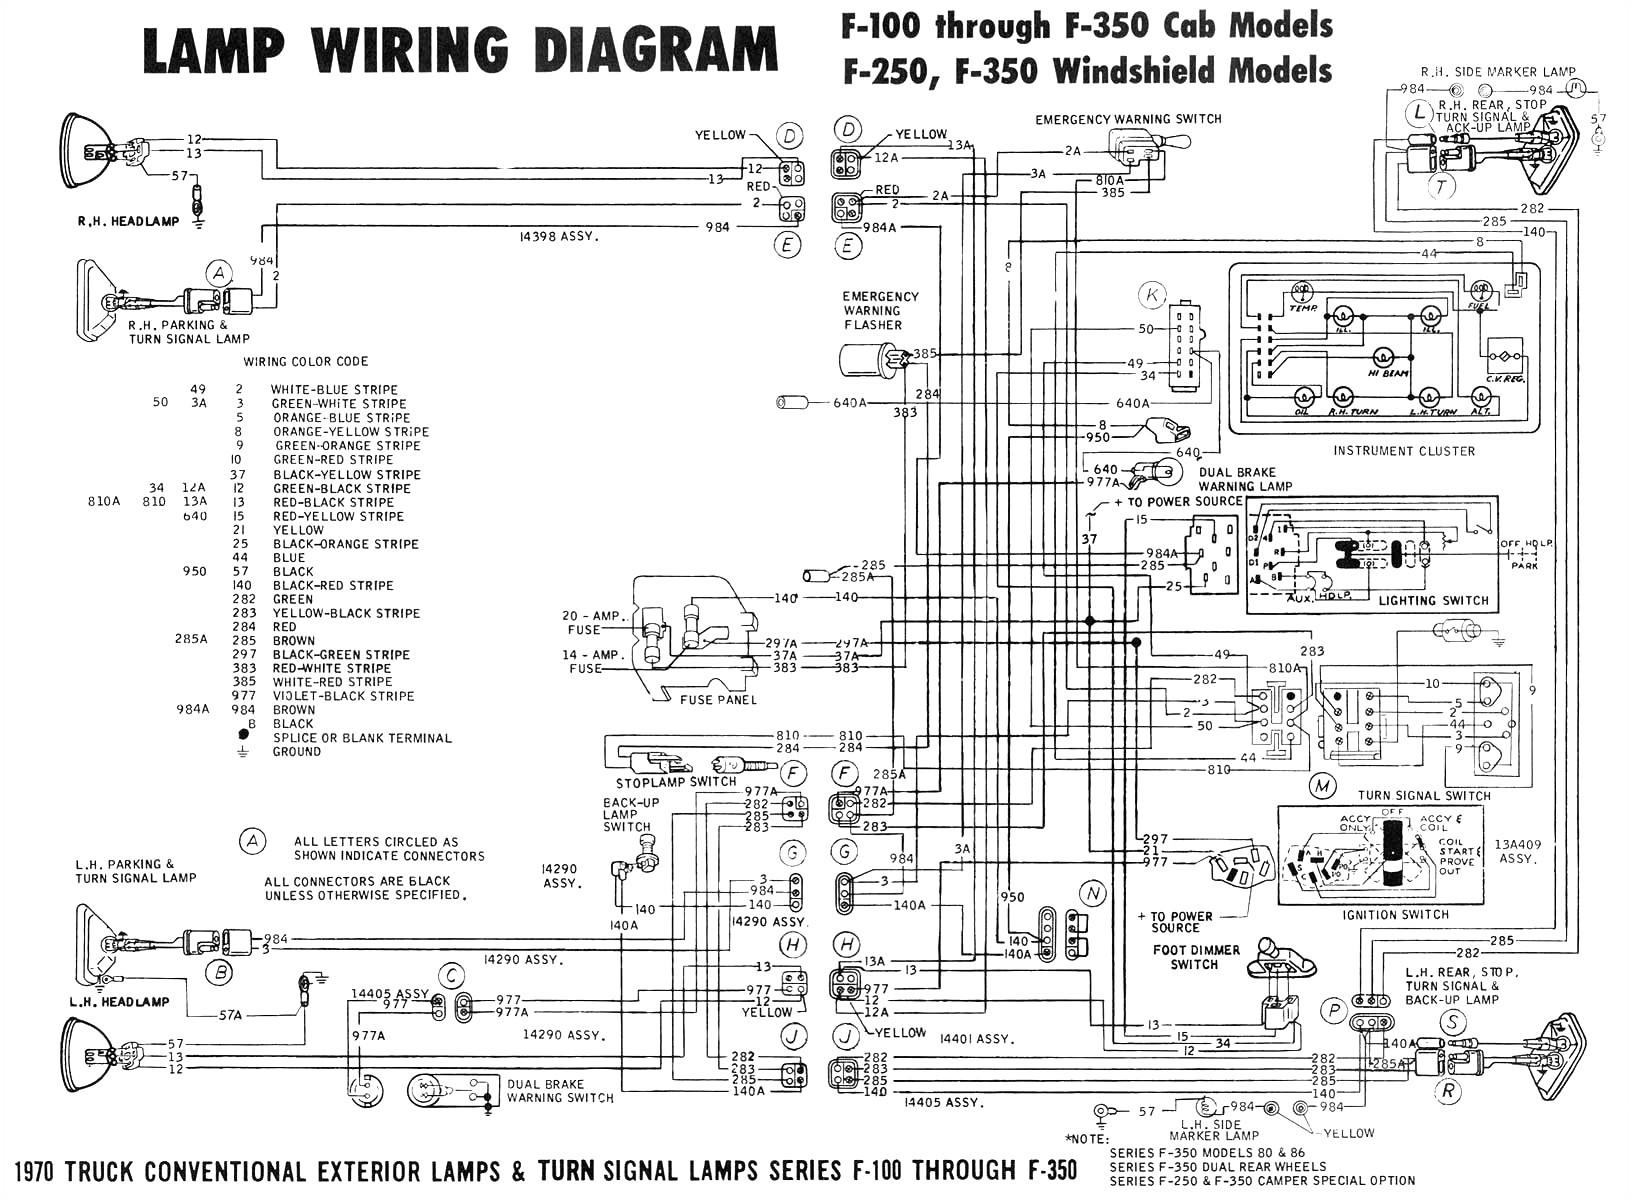 1997 ford f800 wiring schematics wiring diagram sheet1997 f800 wiring diagram wiring diagram 1997 f800 wiring